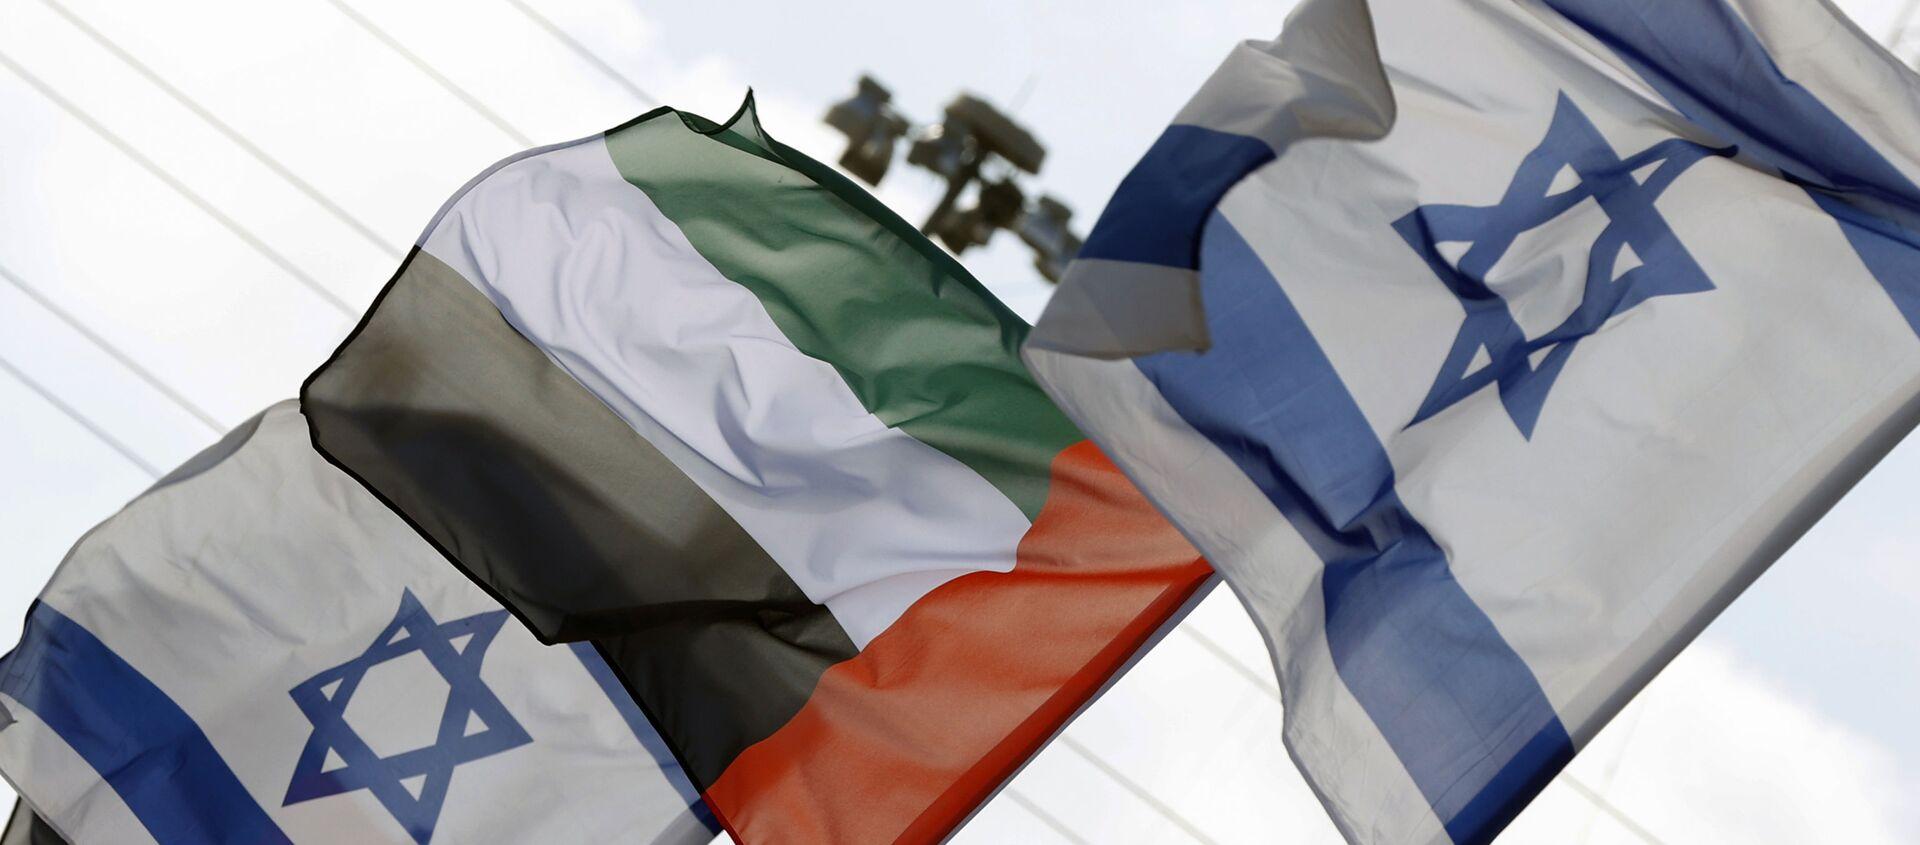 İsrail'in Netanya şehrinde Birleşik Arap Emirlikleri (BAE) ve İsrail bayrakları - Sputnik Türkiye, 1920, 15.04.2021